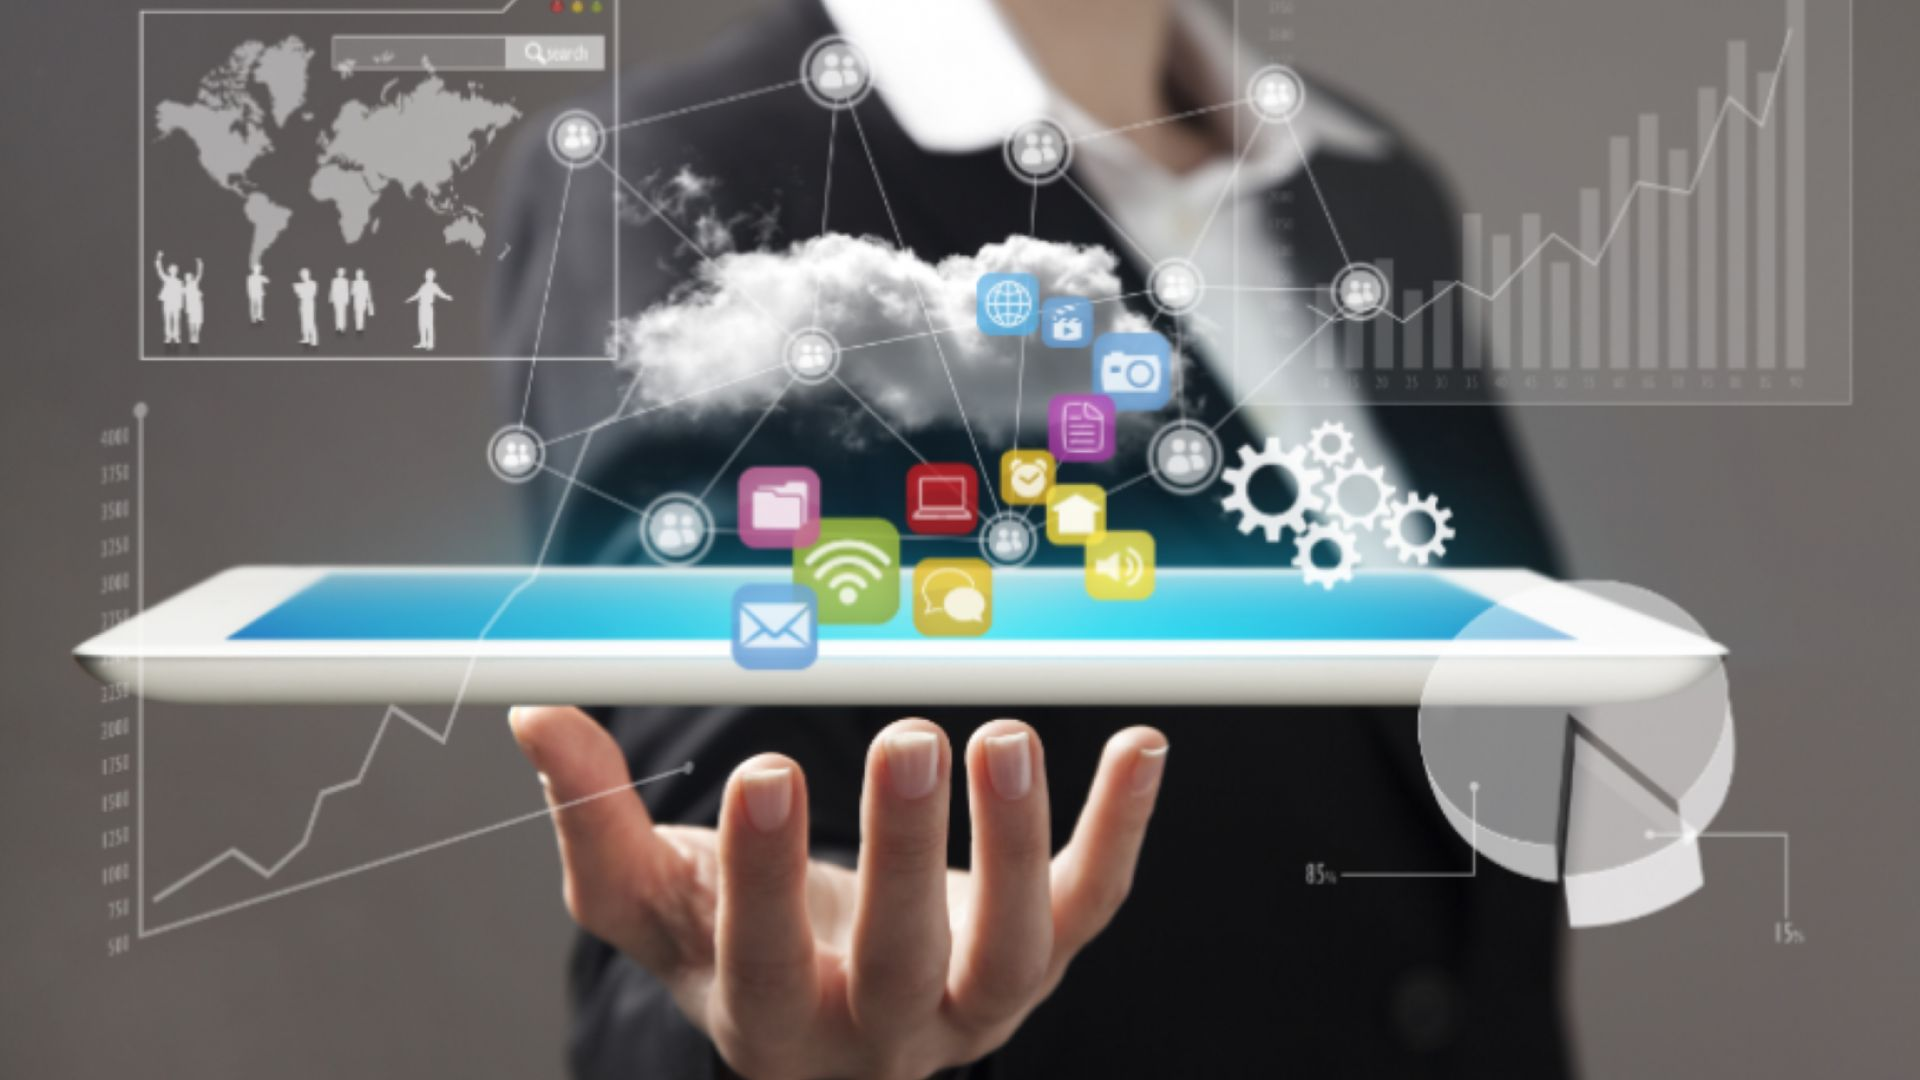 Дигитализацията променя бизнеса до неузнаваемост